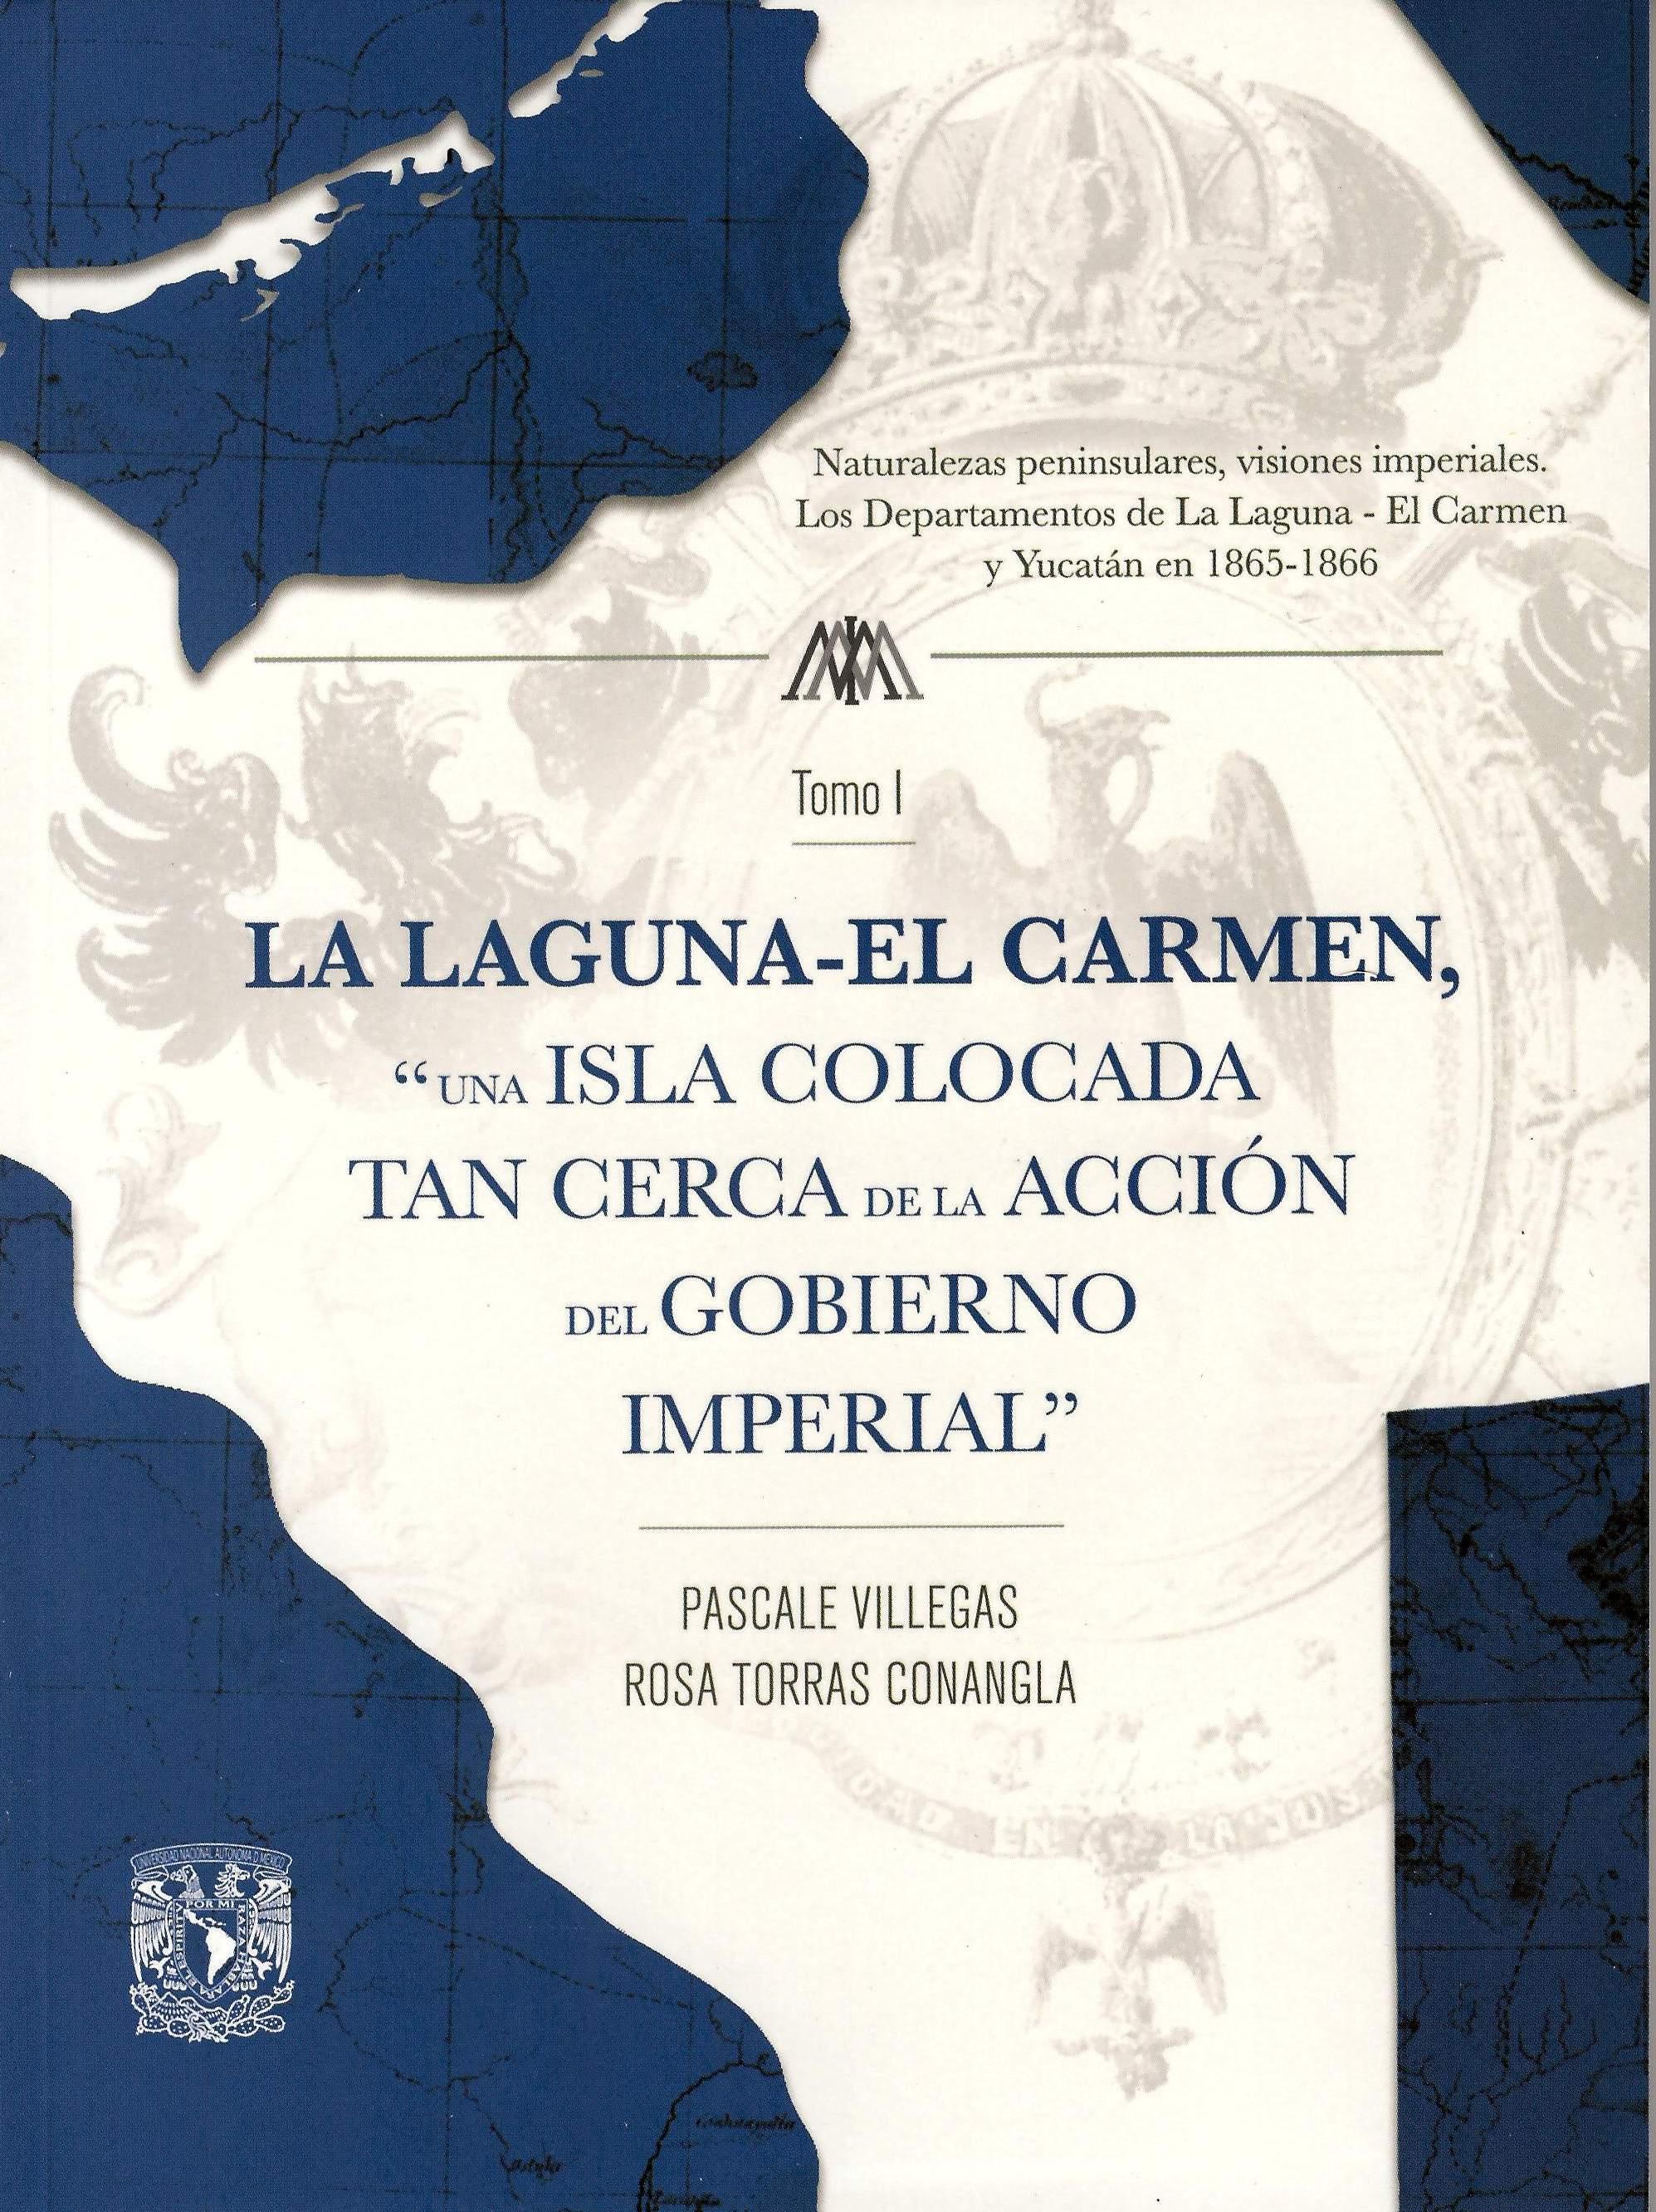 """La Laguna-El Carmen, """"una isla colocada tan cerca de la acción del gobierno imperial"""". Tomo I"""